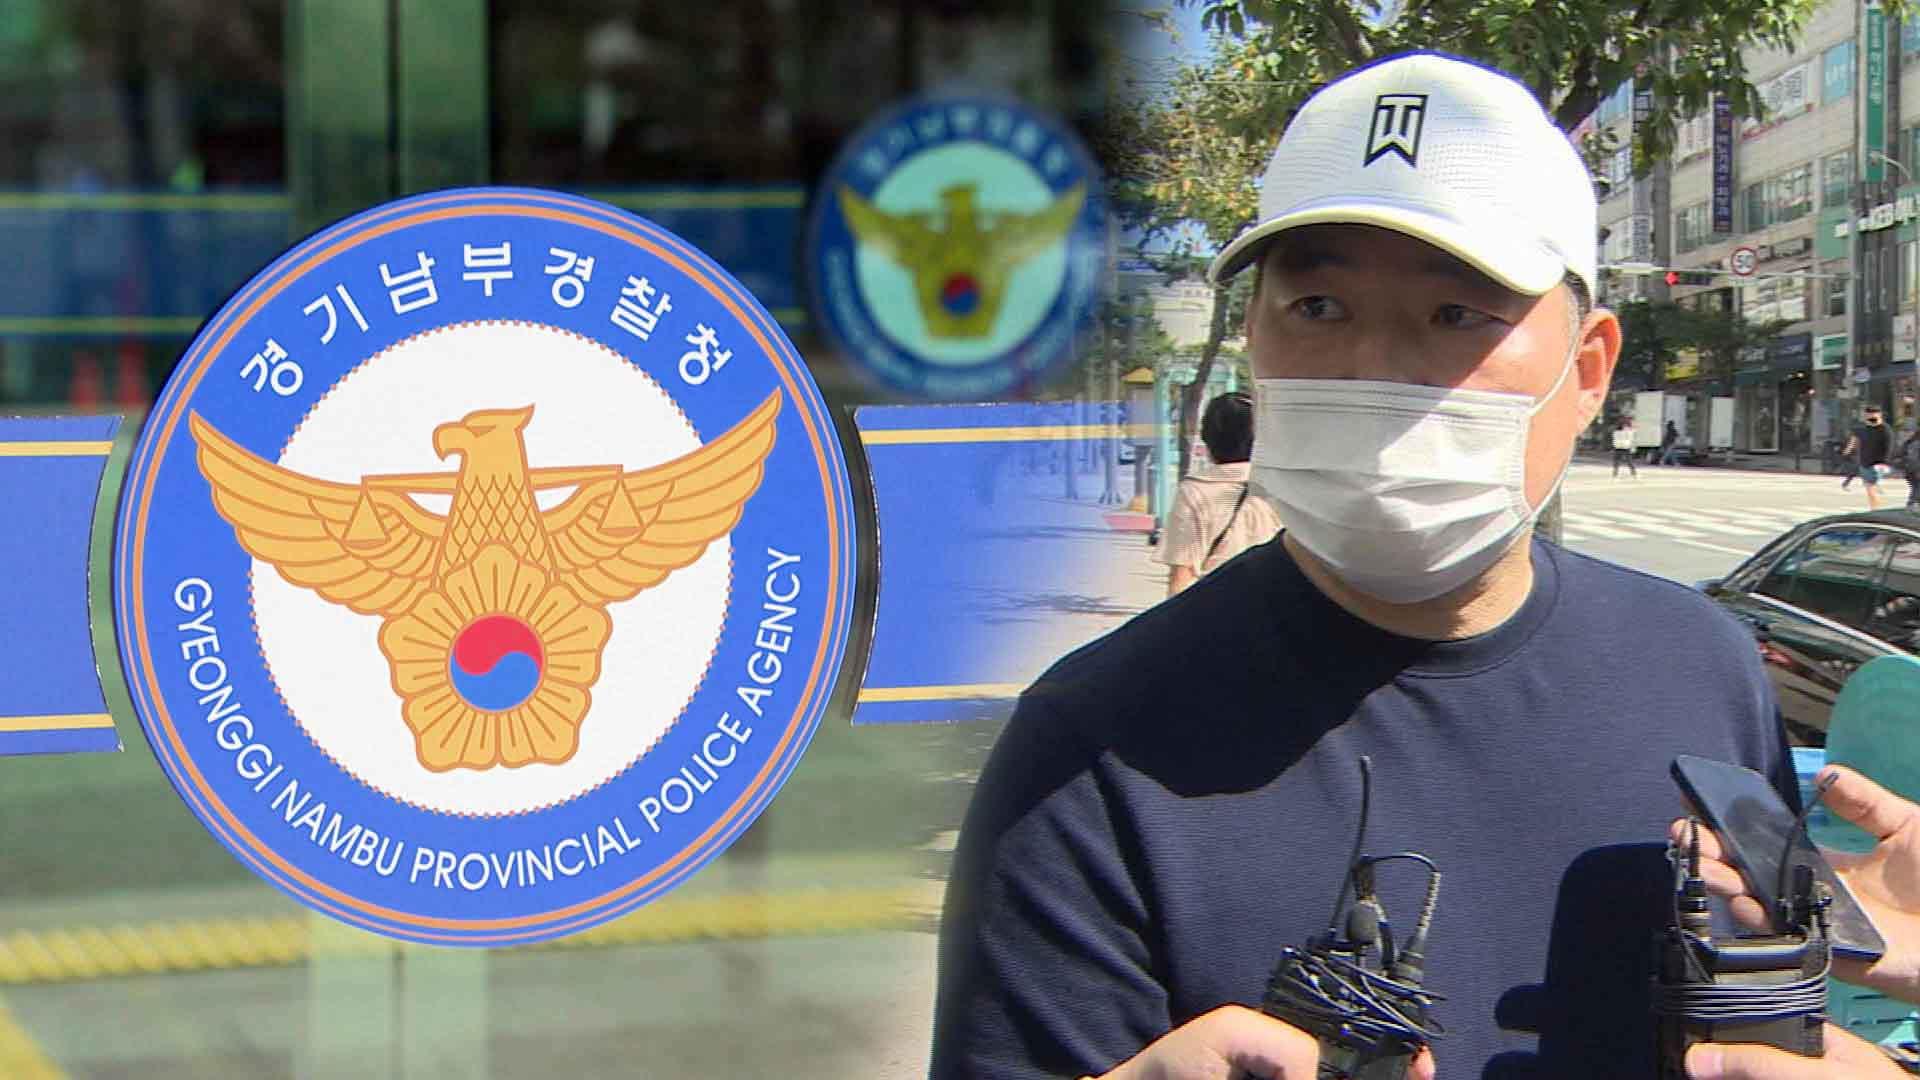 경찰, 확보한 유동규 휴대전화 분석작업 착수